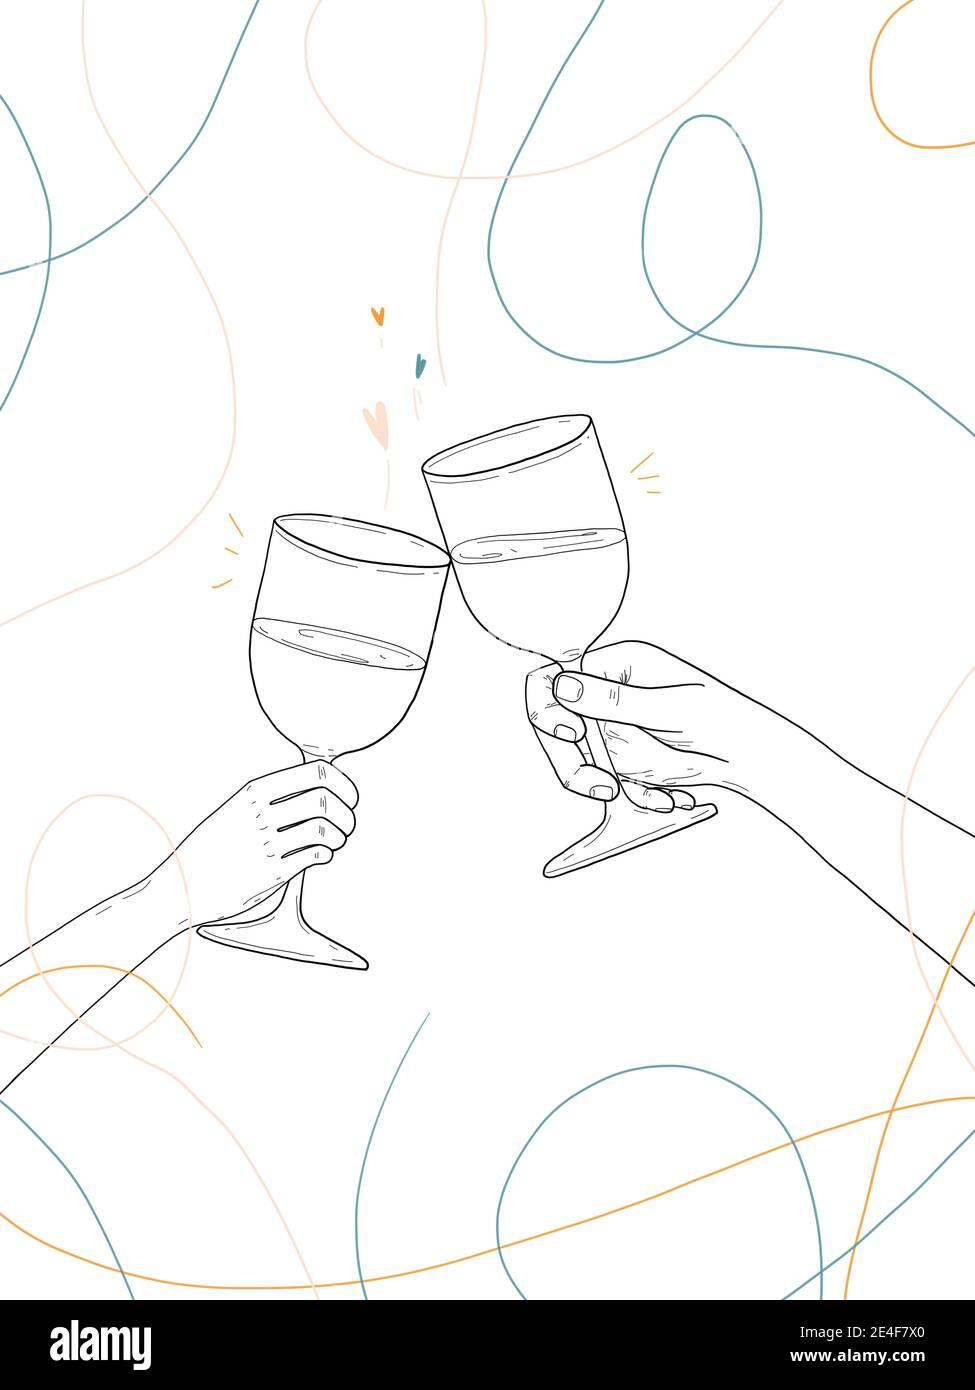 Dibujo a mano de dos personas celebrando con un copa de vino Foto de stock